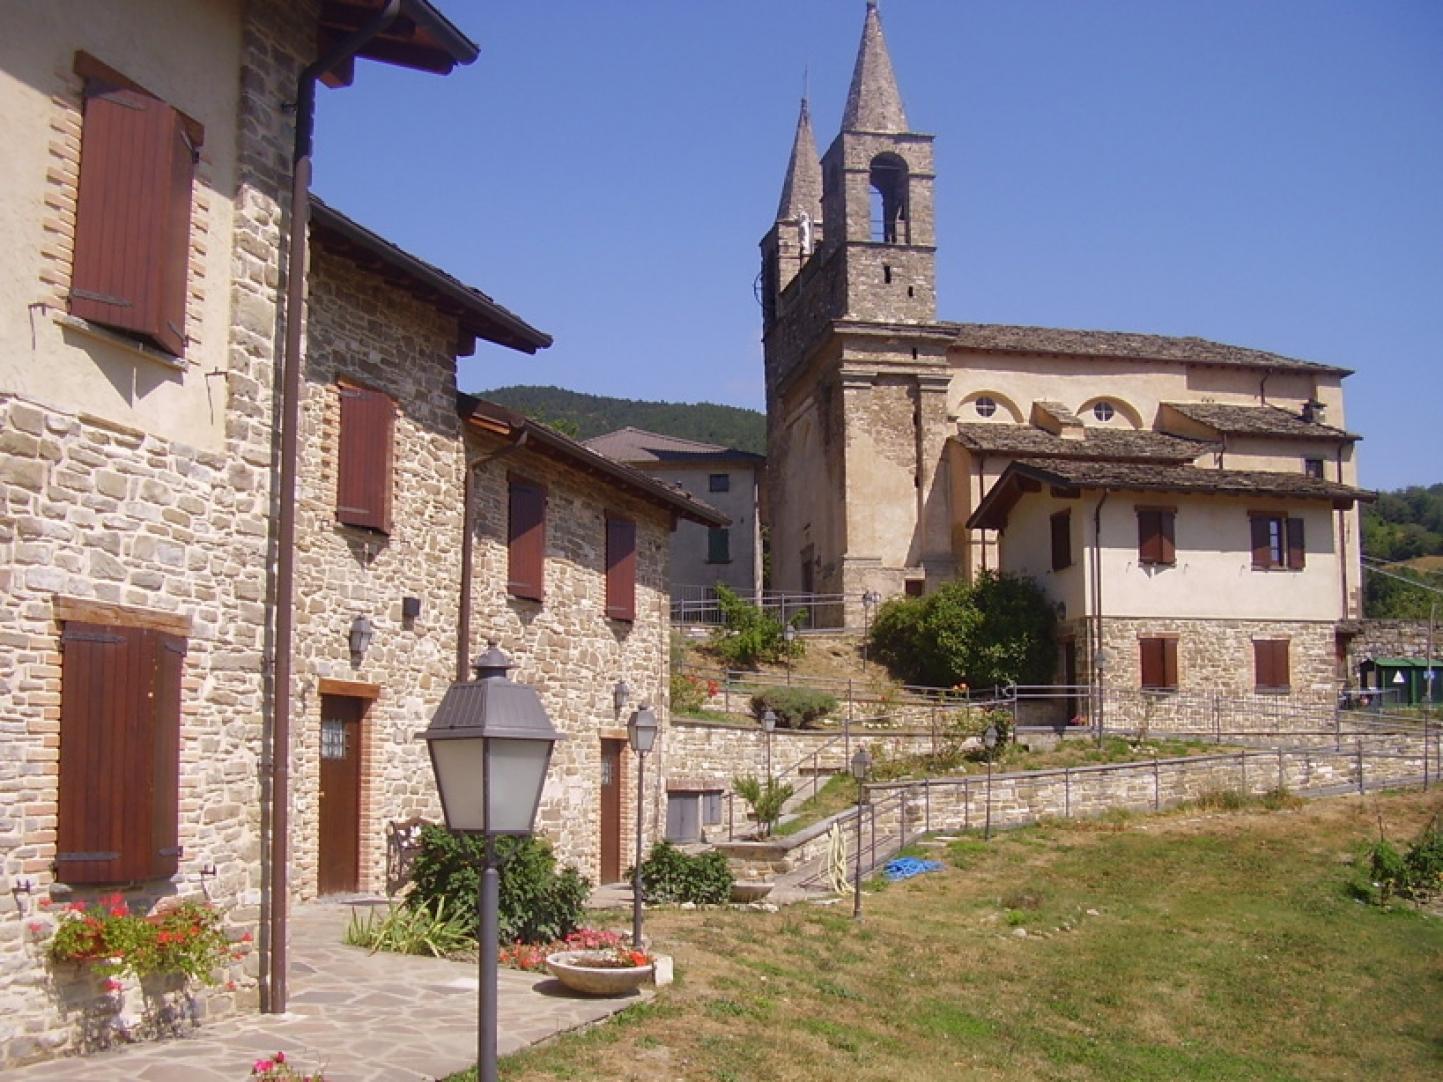 Foto:  Die Kirche von Tiedoli